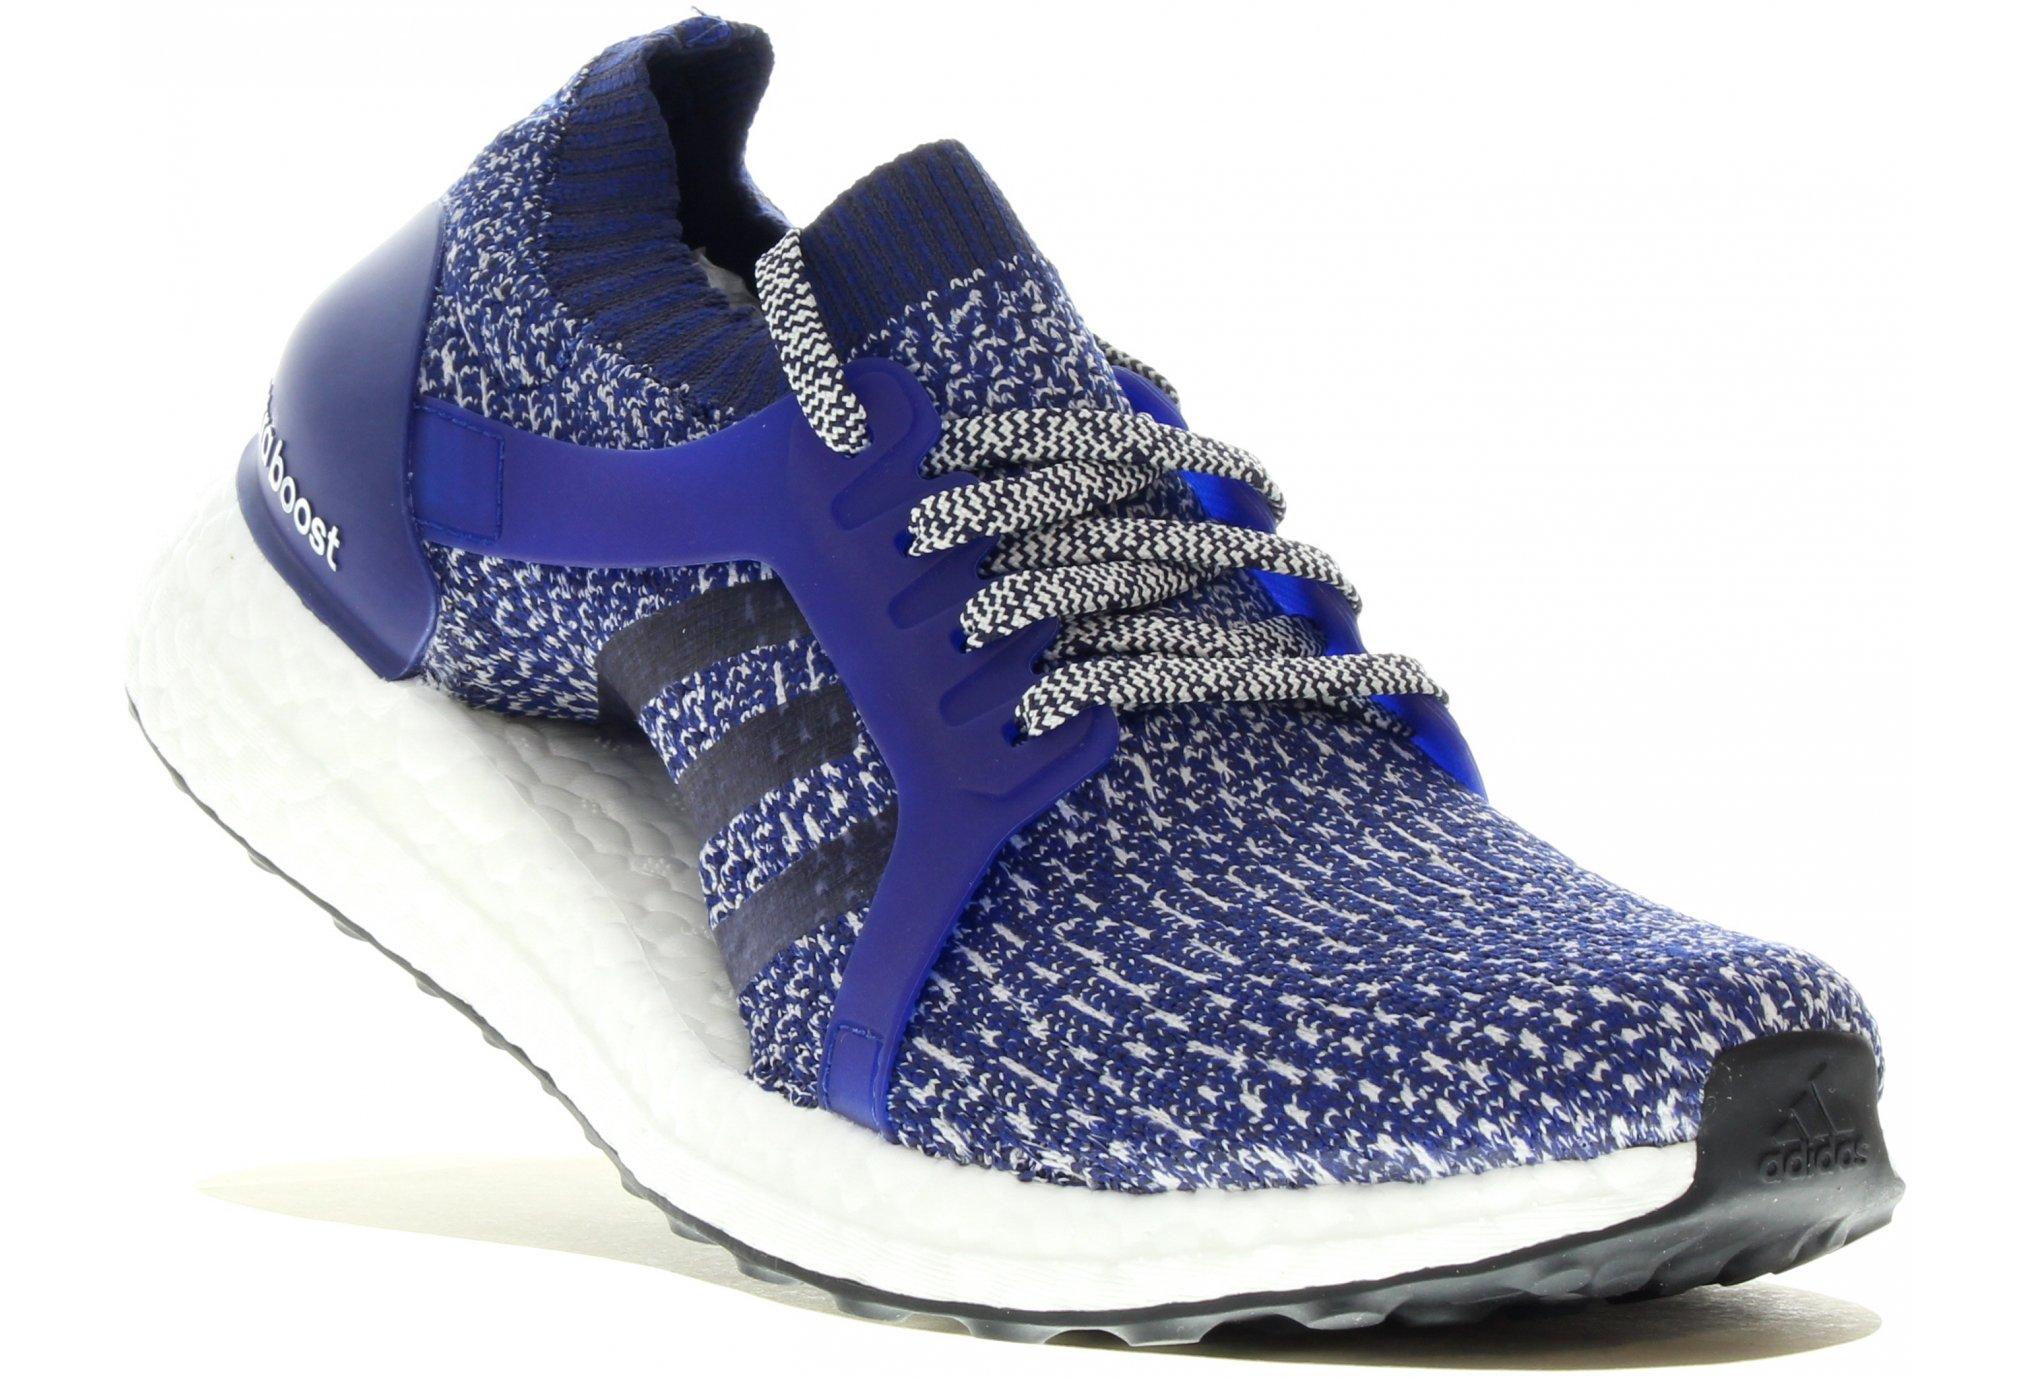 Adidas Ultraboost x w chaussures running femme